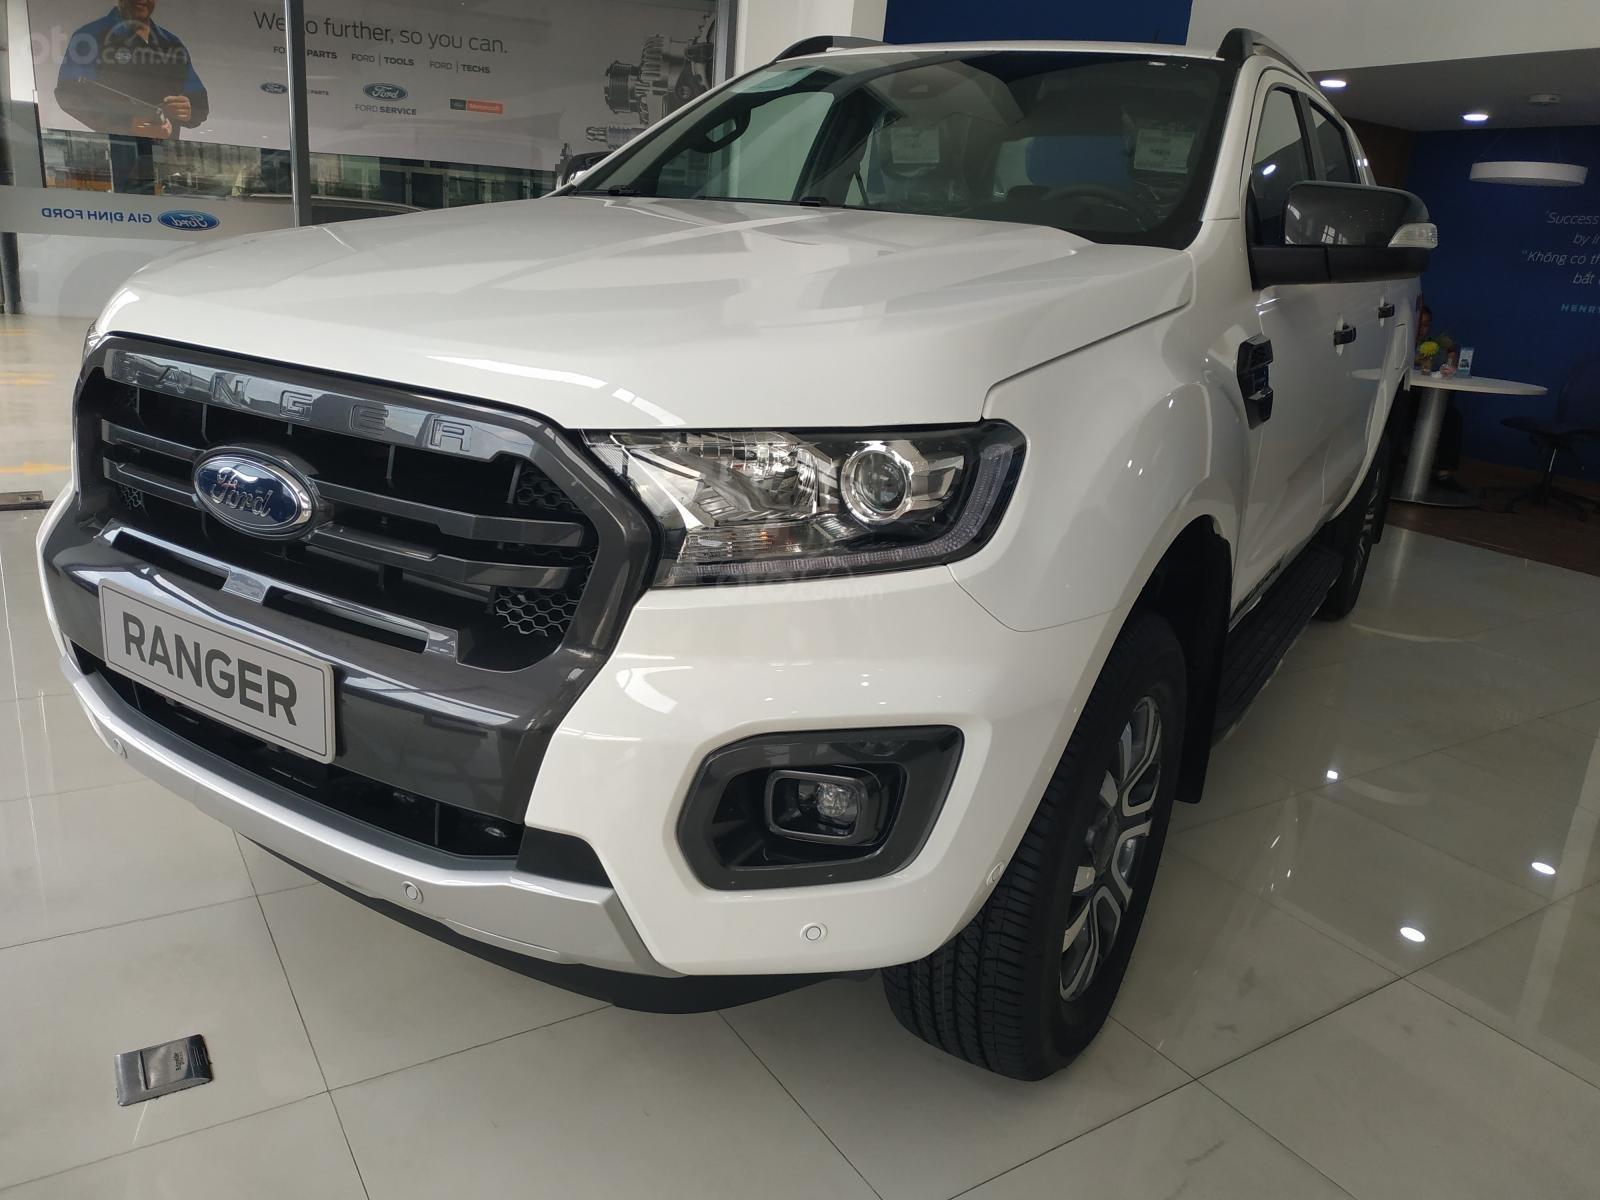 Bán tải Ford Wildtrak, xe bán tải Ford hàng đầu Việt Nam, giá tốt nhất miền Nam (1)